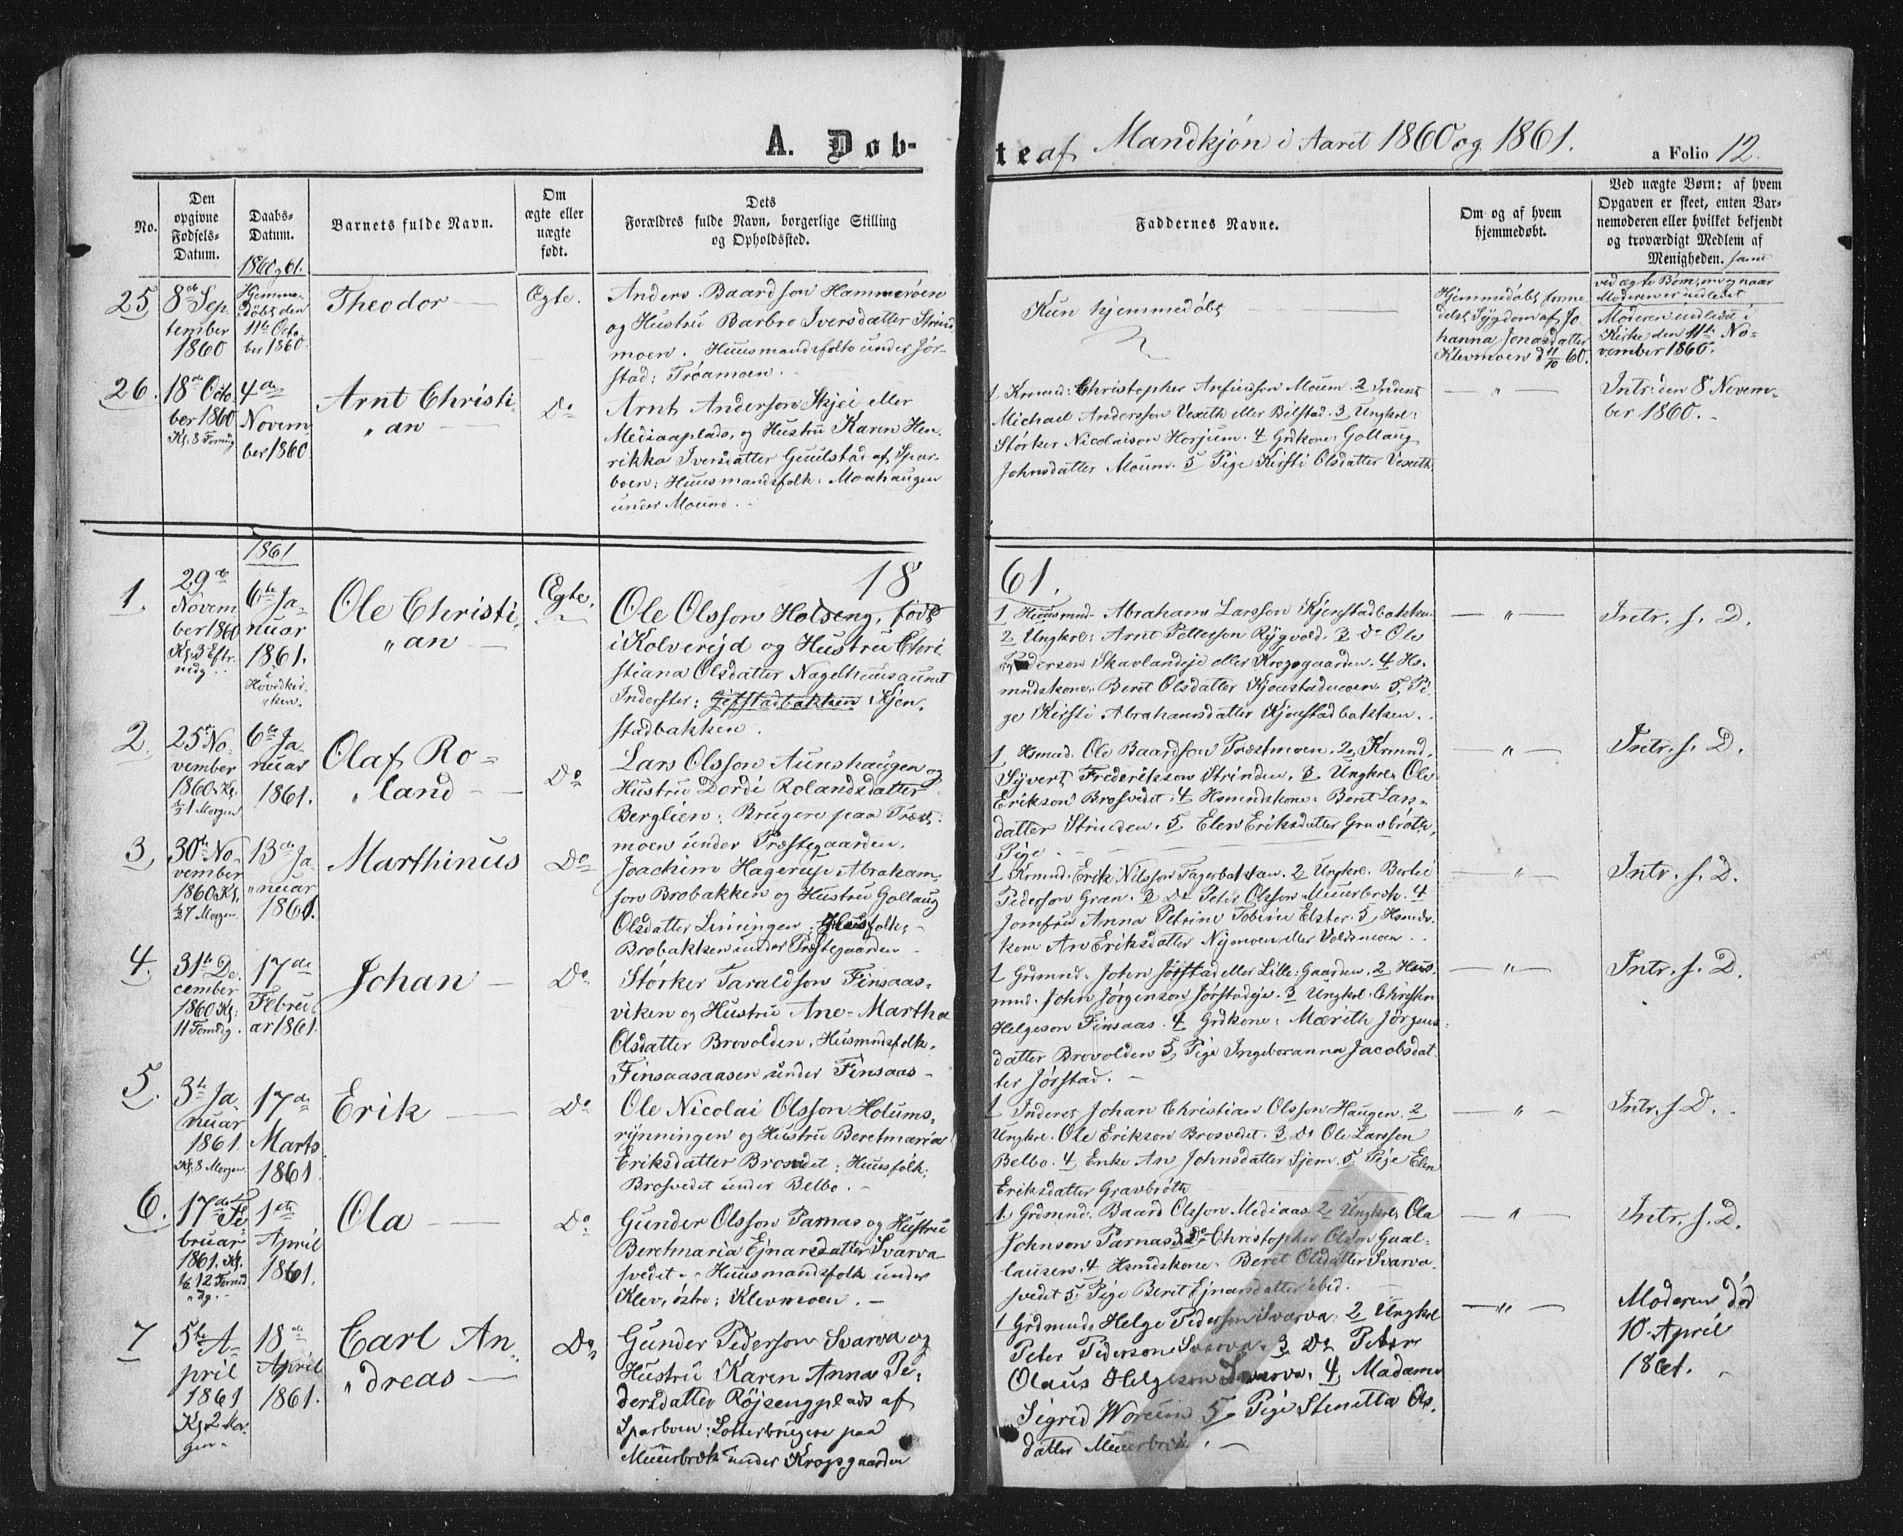 SAT, Ministerialprotokoller, klokkerbøker og fødselsregistre - Nord-Trøndelag, 749/L0472: Ministerialbok nr. 749A06, 1857-1873, s. 12